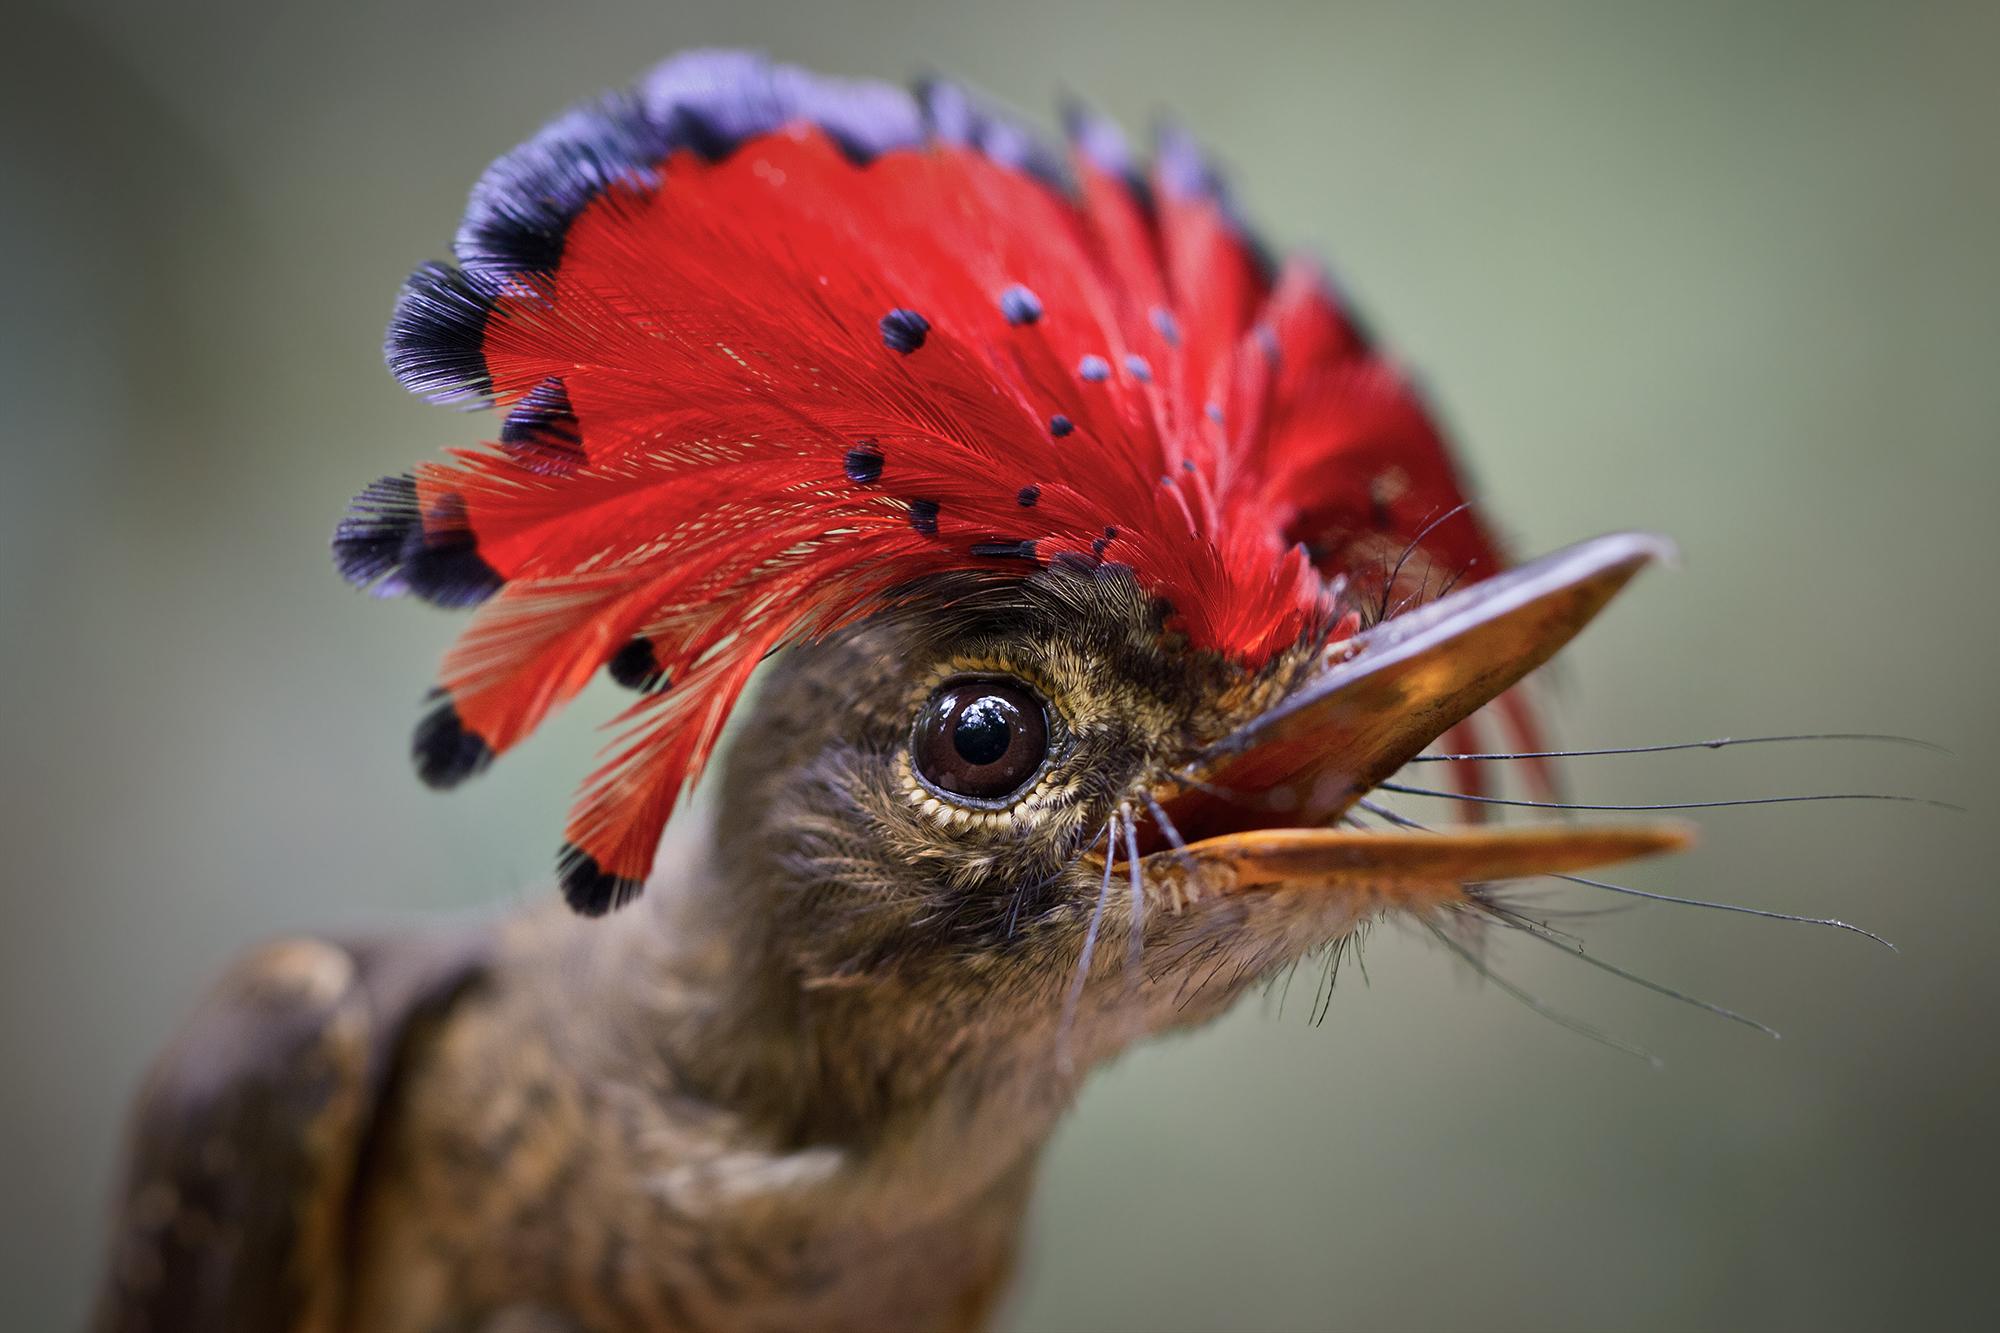 Le moucherolle royal, cet oiseau atypique d'Amazonie !